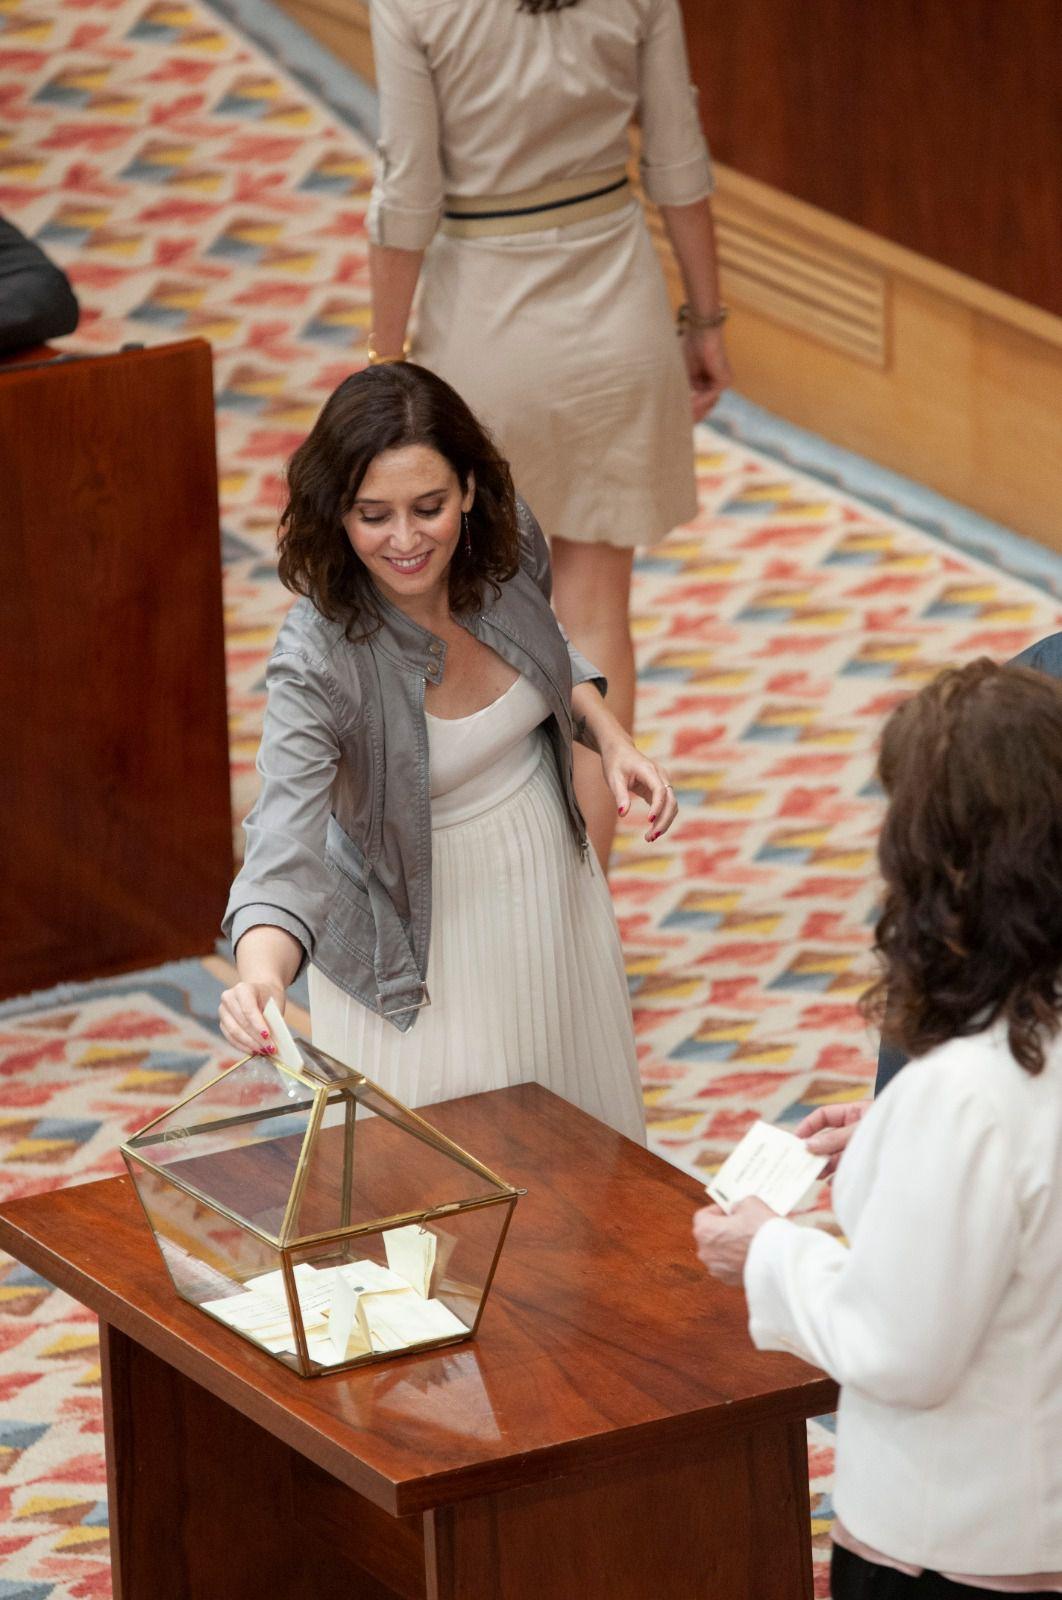 Isabel Díaz Ayuso, candidata del PP, deposita su voto  para elegir al presidente de la Asamblea de Madrid